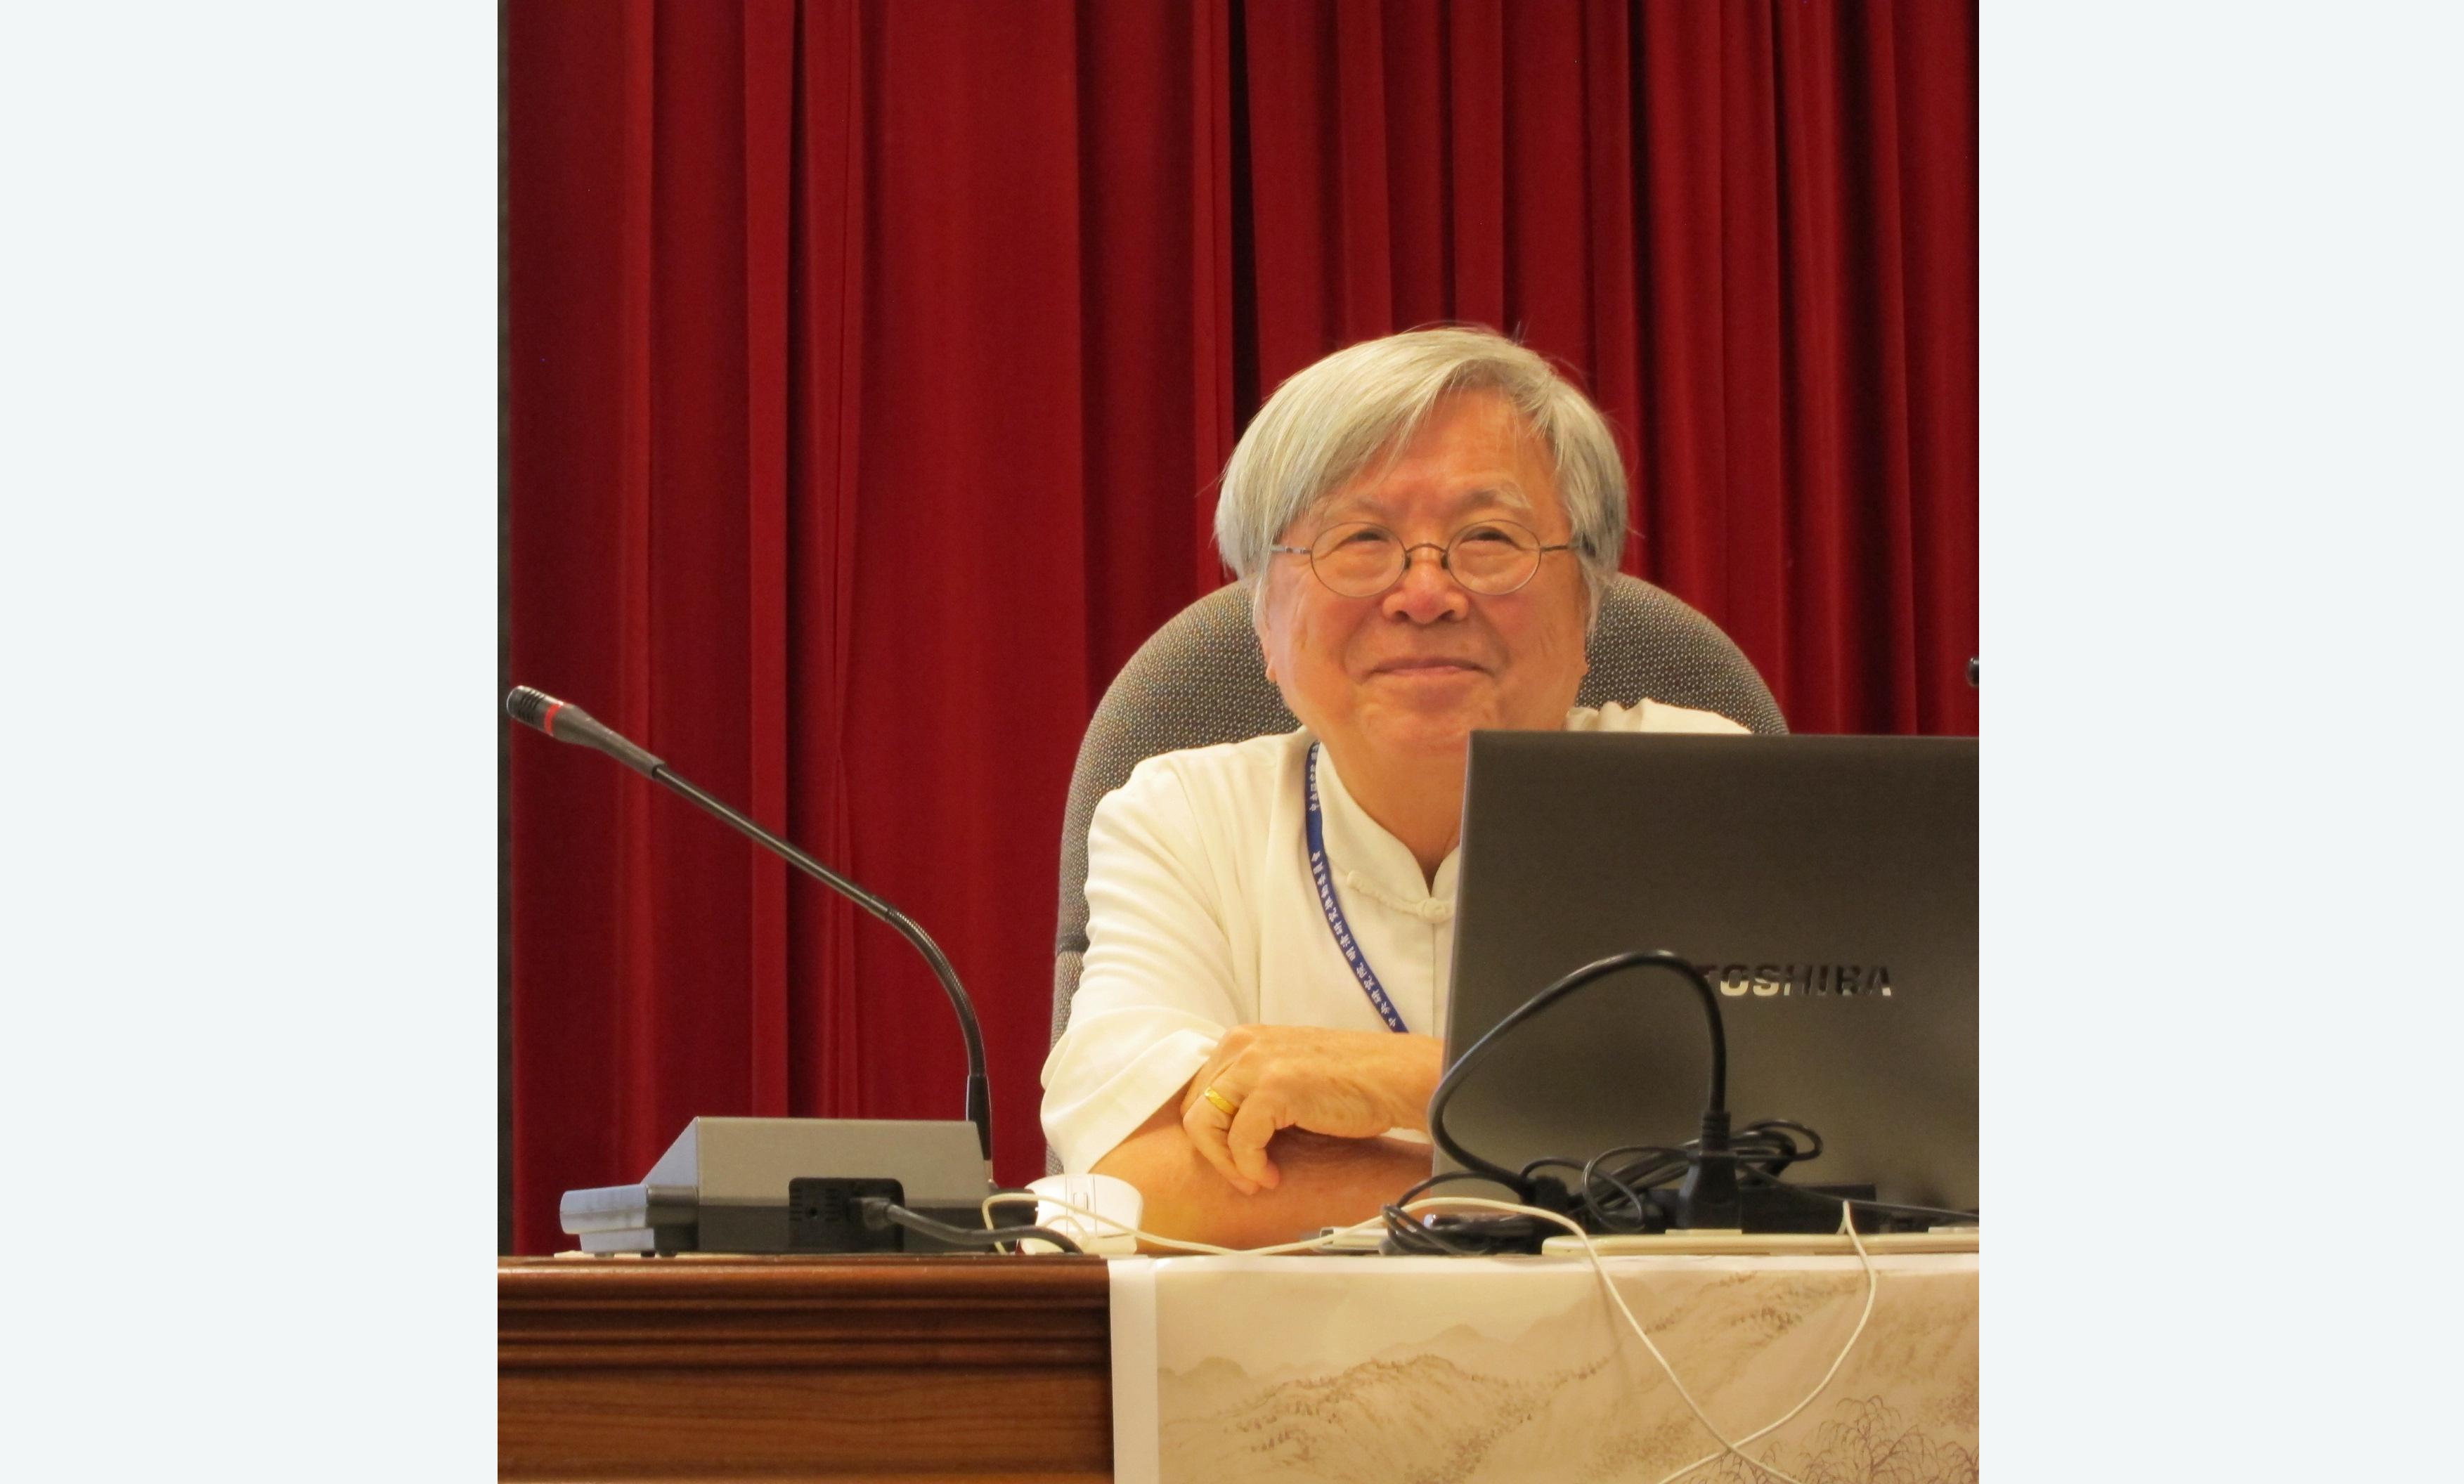 徐泓教授演講「研究明清史的學與思」紀要